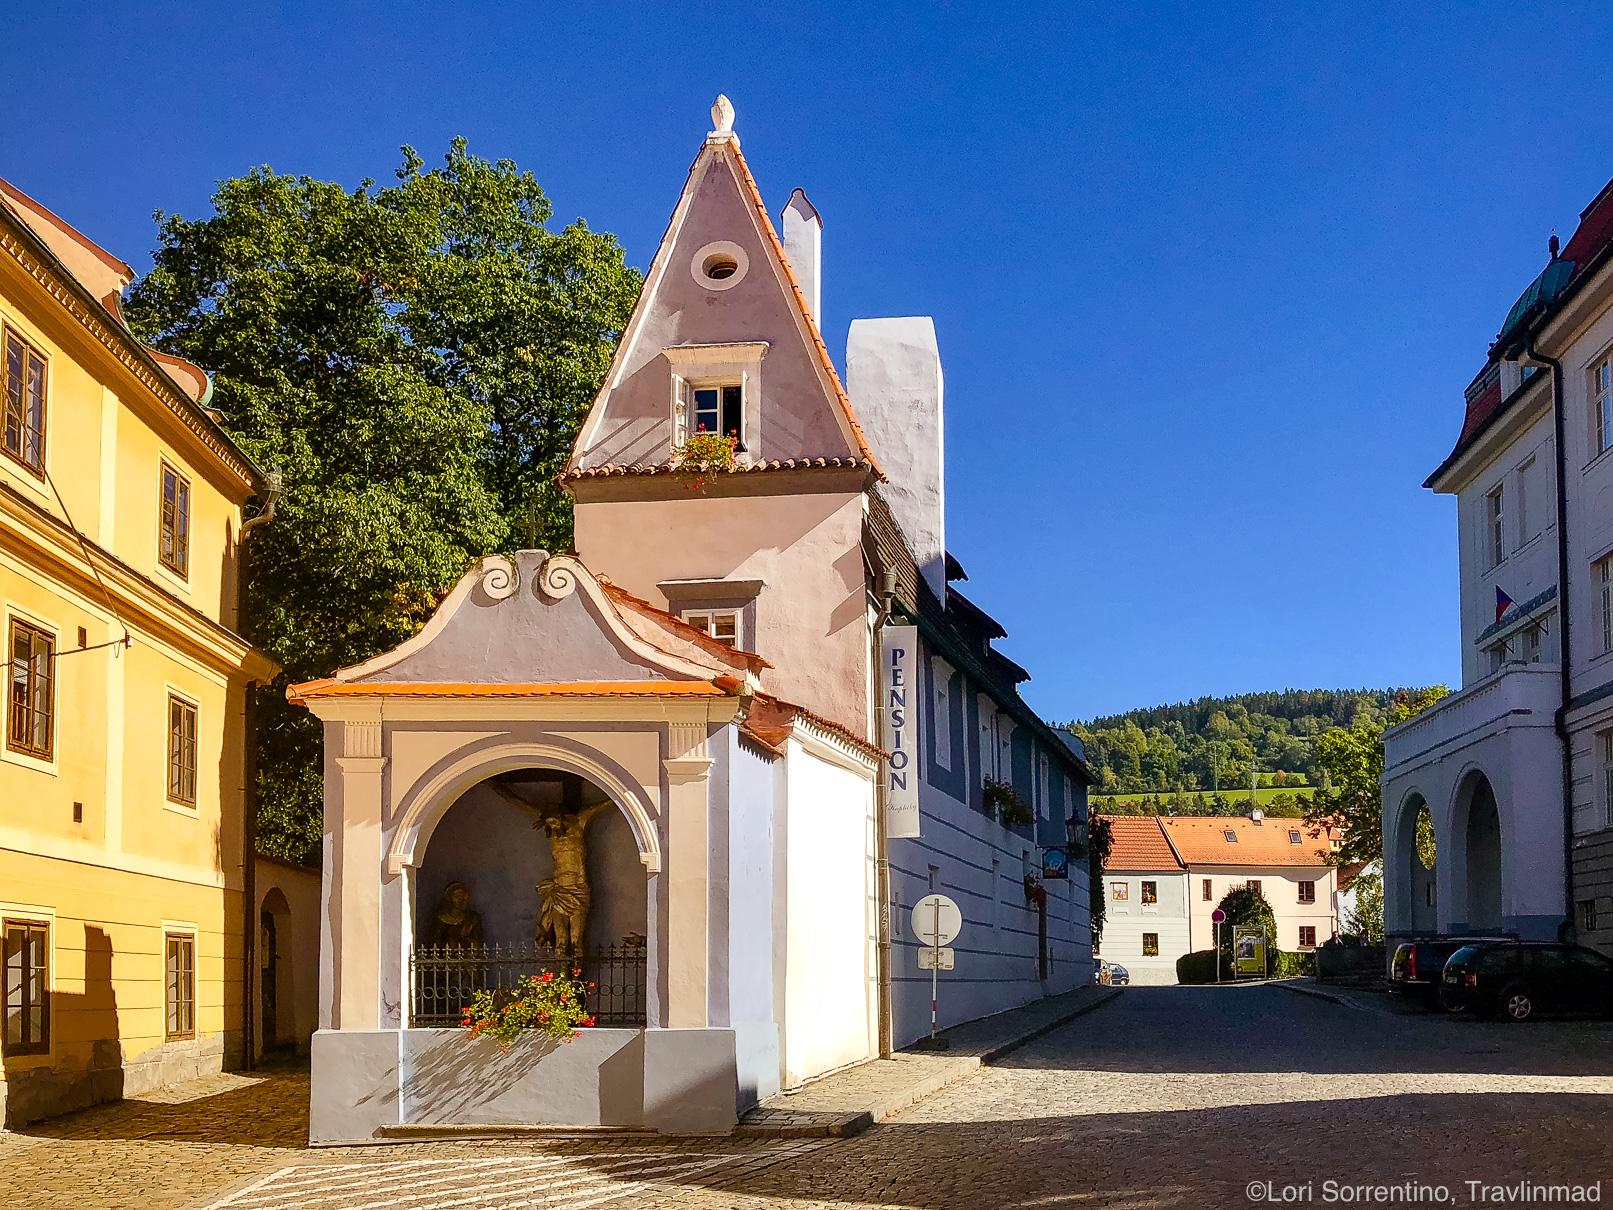 Pension U Kaplicky, Cesky Krumlov, Czech Republic